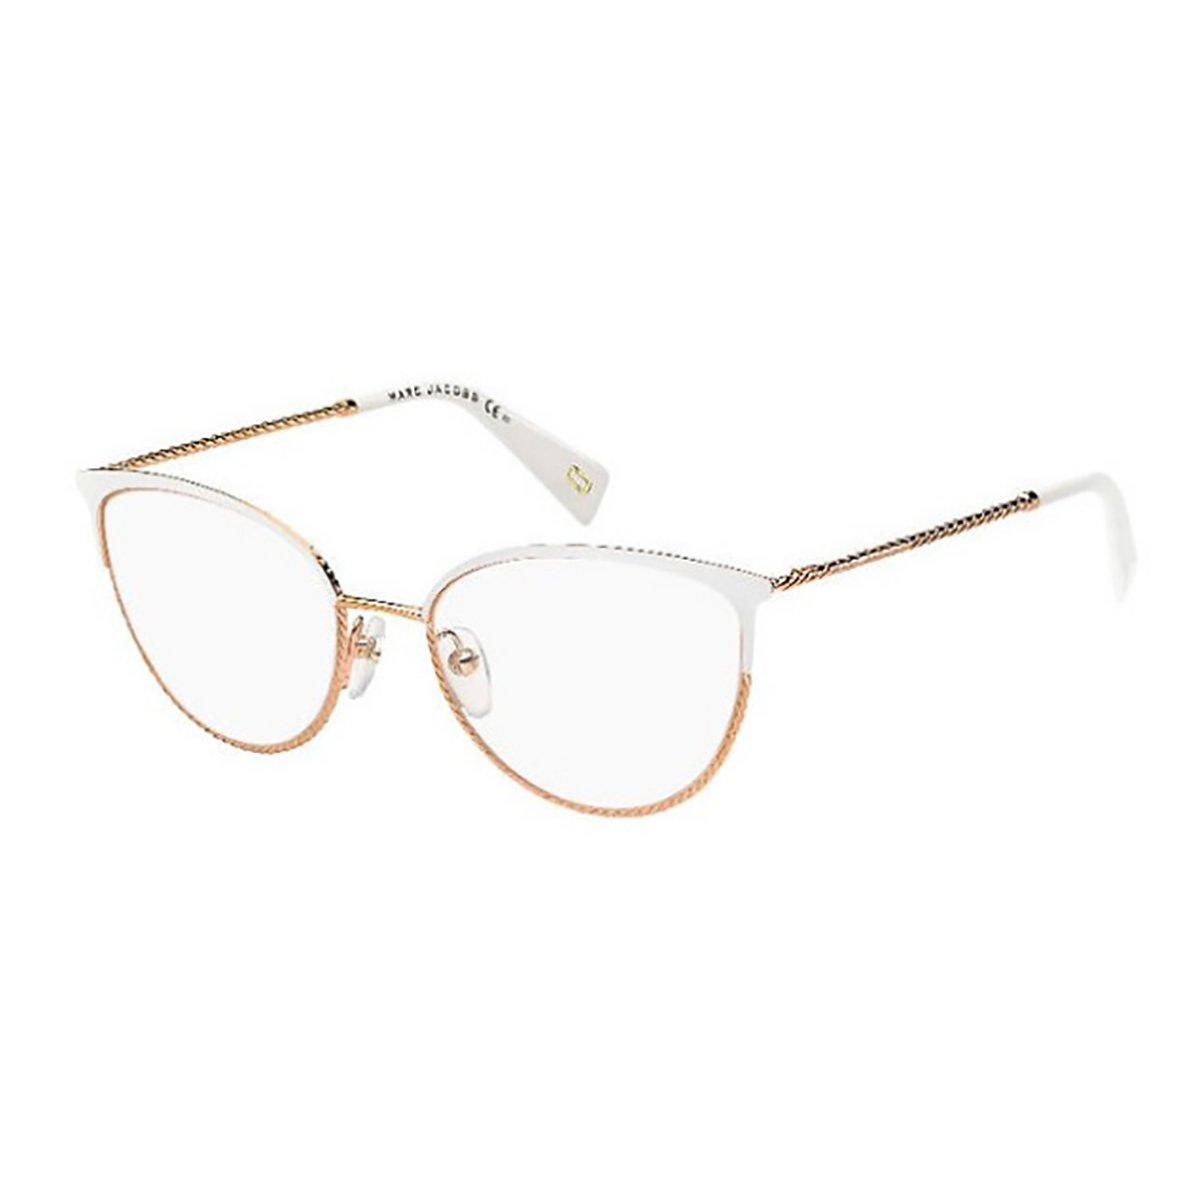 8effbf28859ab Compre Óculos de Grau Marc Jacobs em 10X   Tri-Jóia Shop